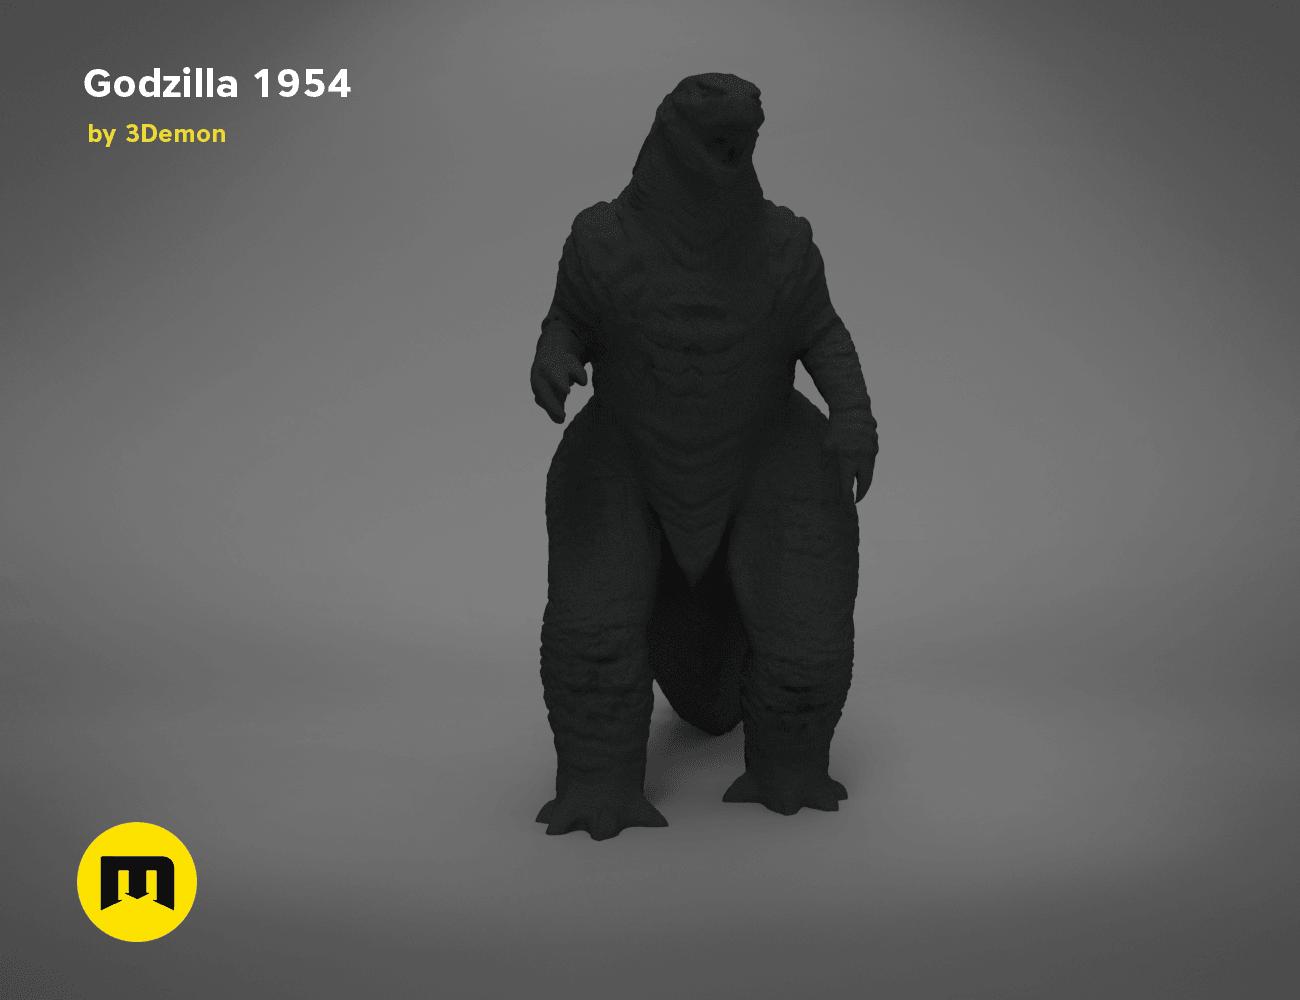 godzilla-black-japanese-front.195.png Télécharger fichier OBJ gratuit Godzilla 1954 figurine et ouvre-bouteille • Objet imprimable en 3D, 3D-mon